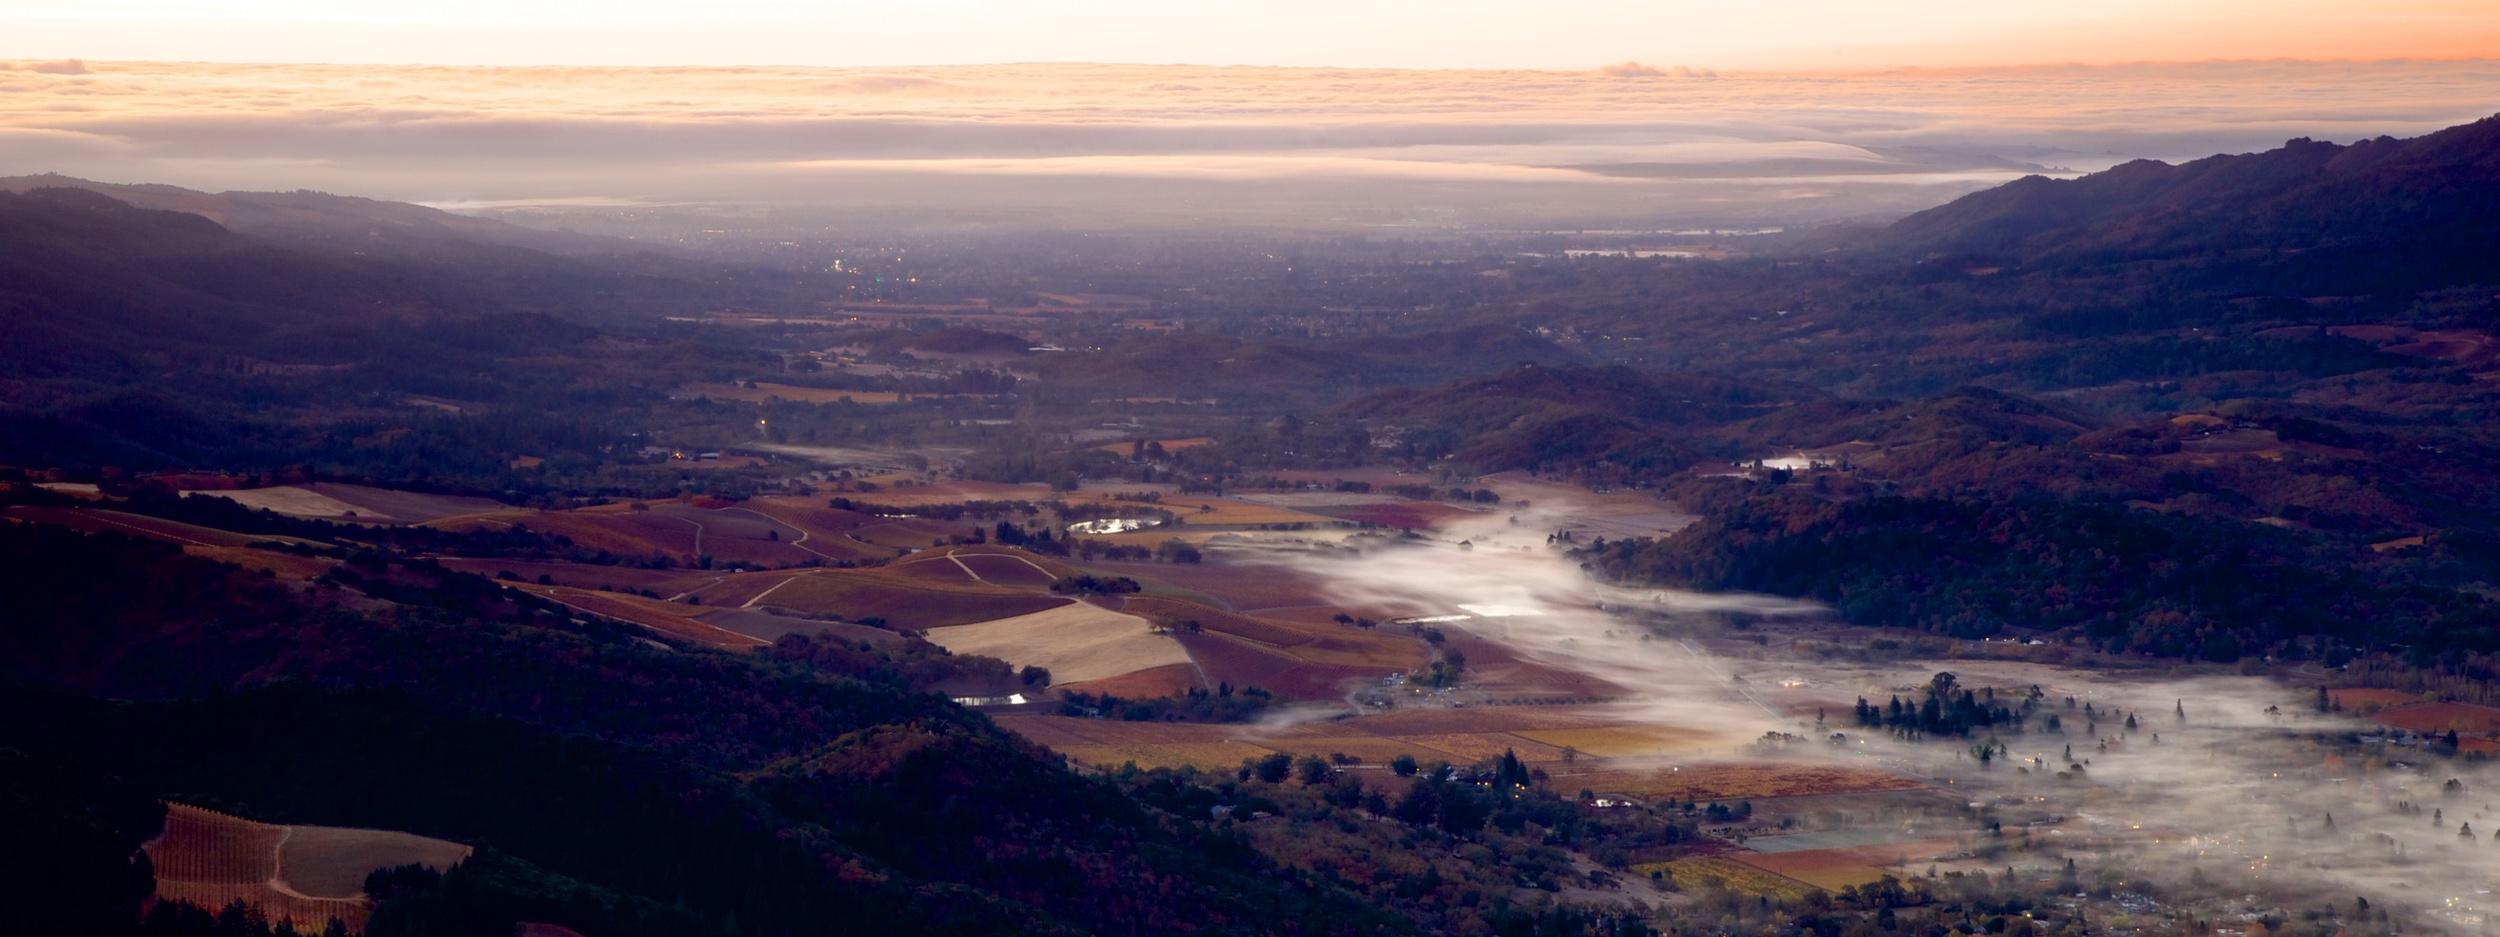 Kenwood and Glen Ellen, CA